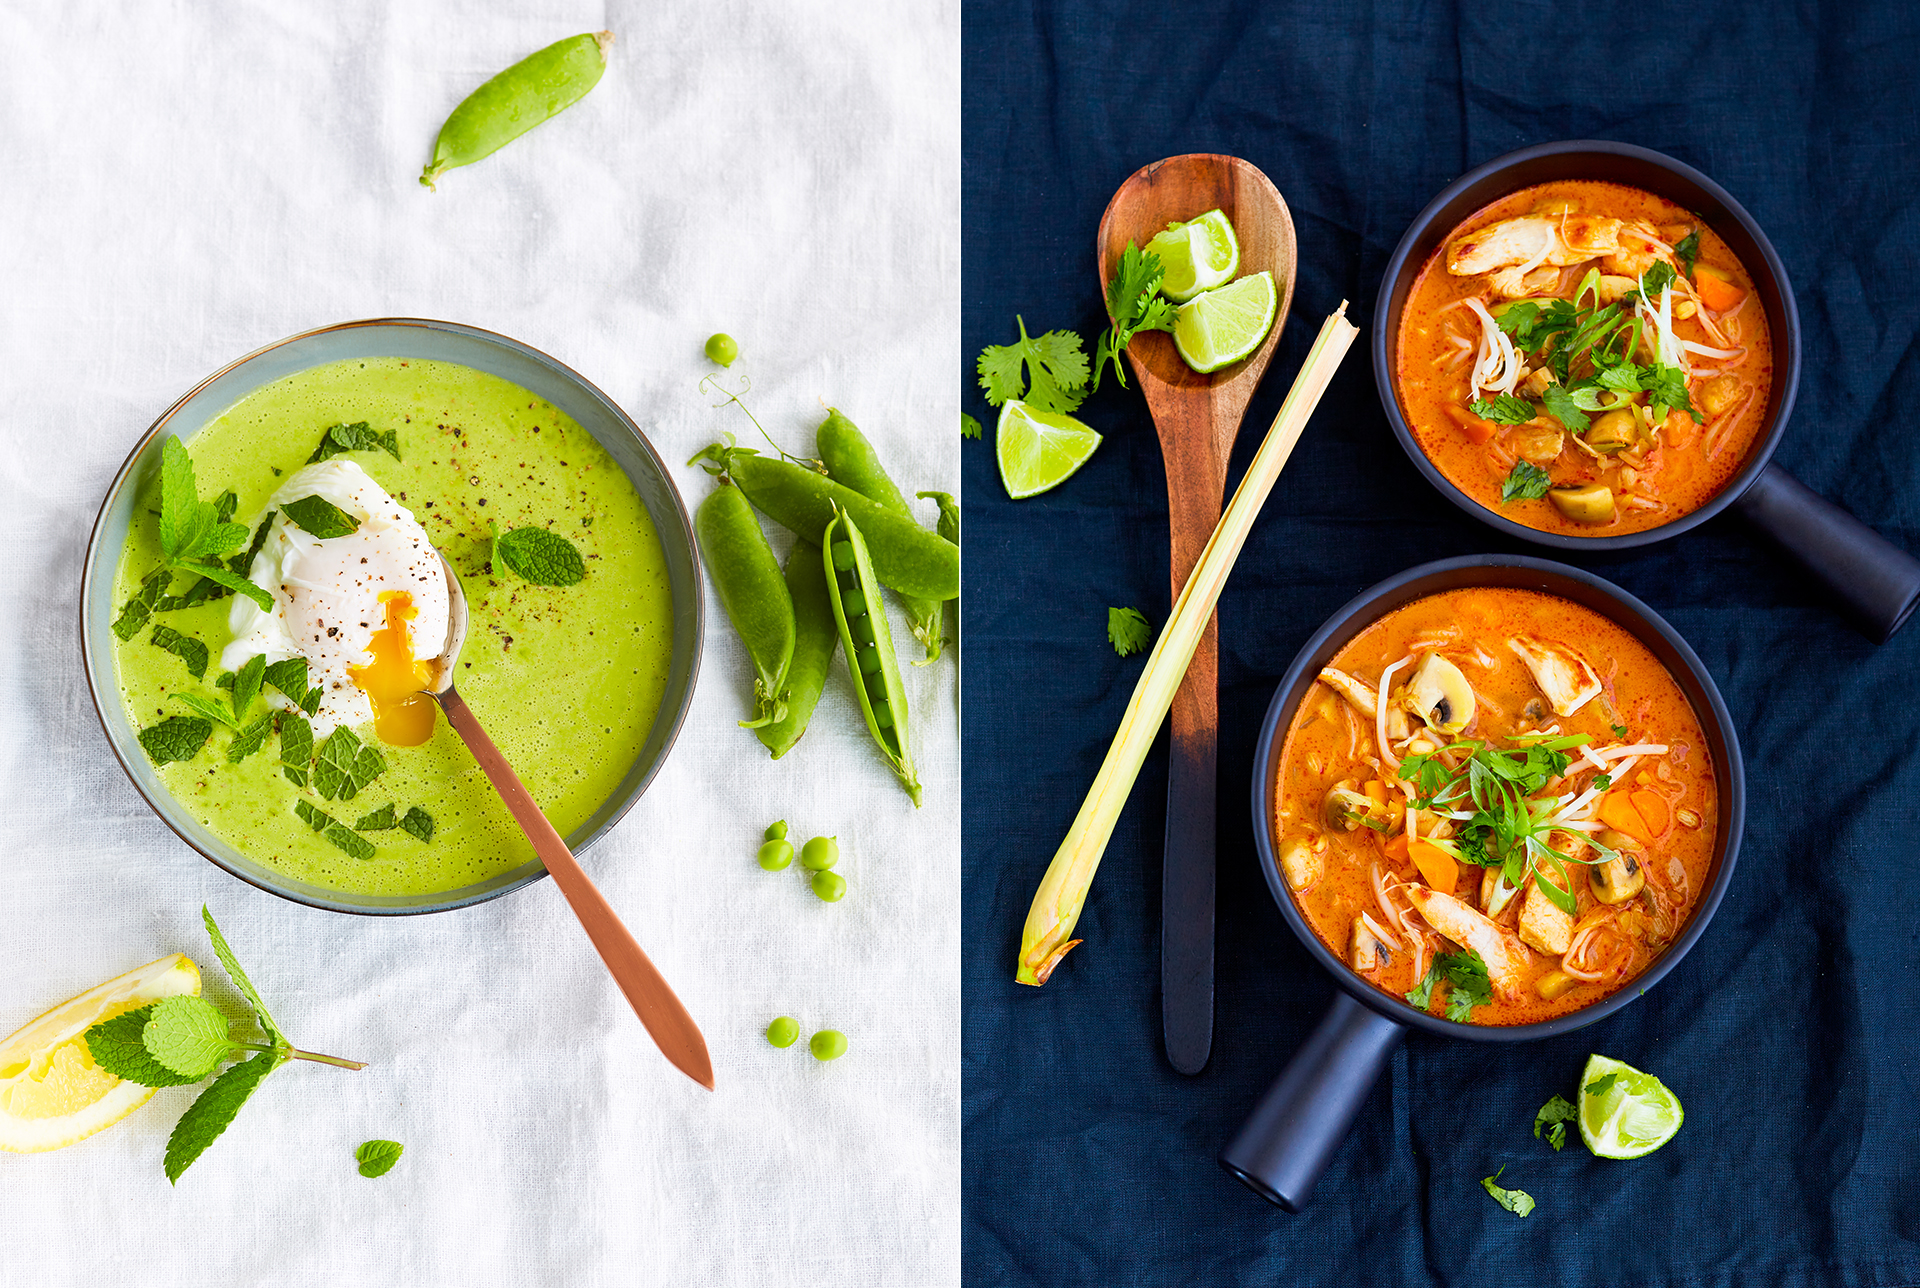 Erbsensuppe mit pochiertem Ei, Minze und frischer Zitrone. Kokoscurrysuppe mit Zitronengras und Limette. Foodphotography Foodstyling Katrin Winner